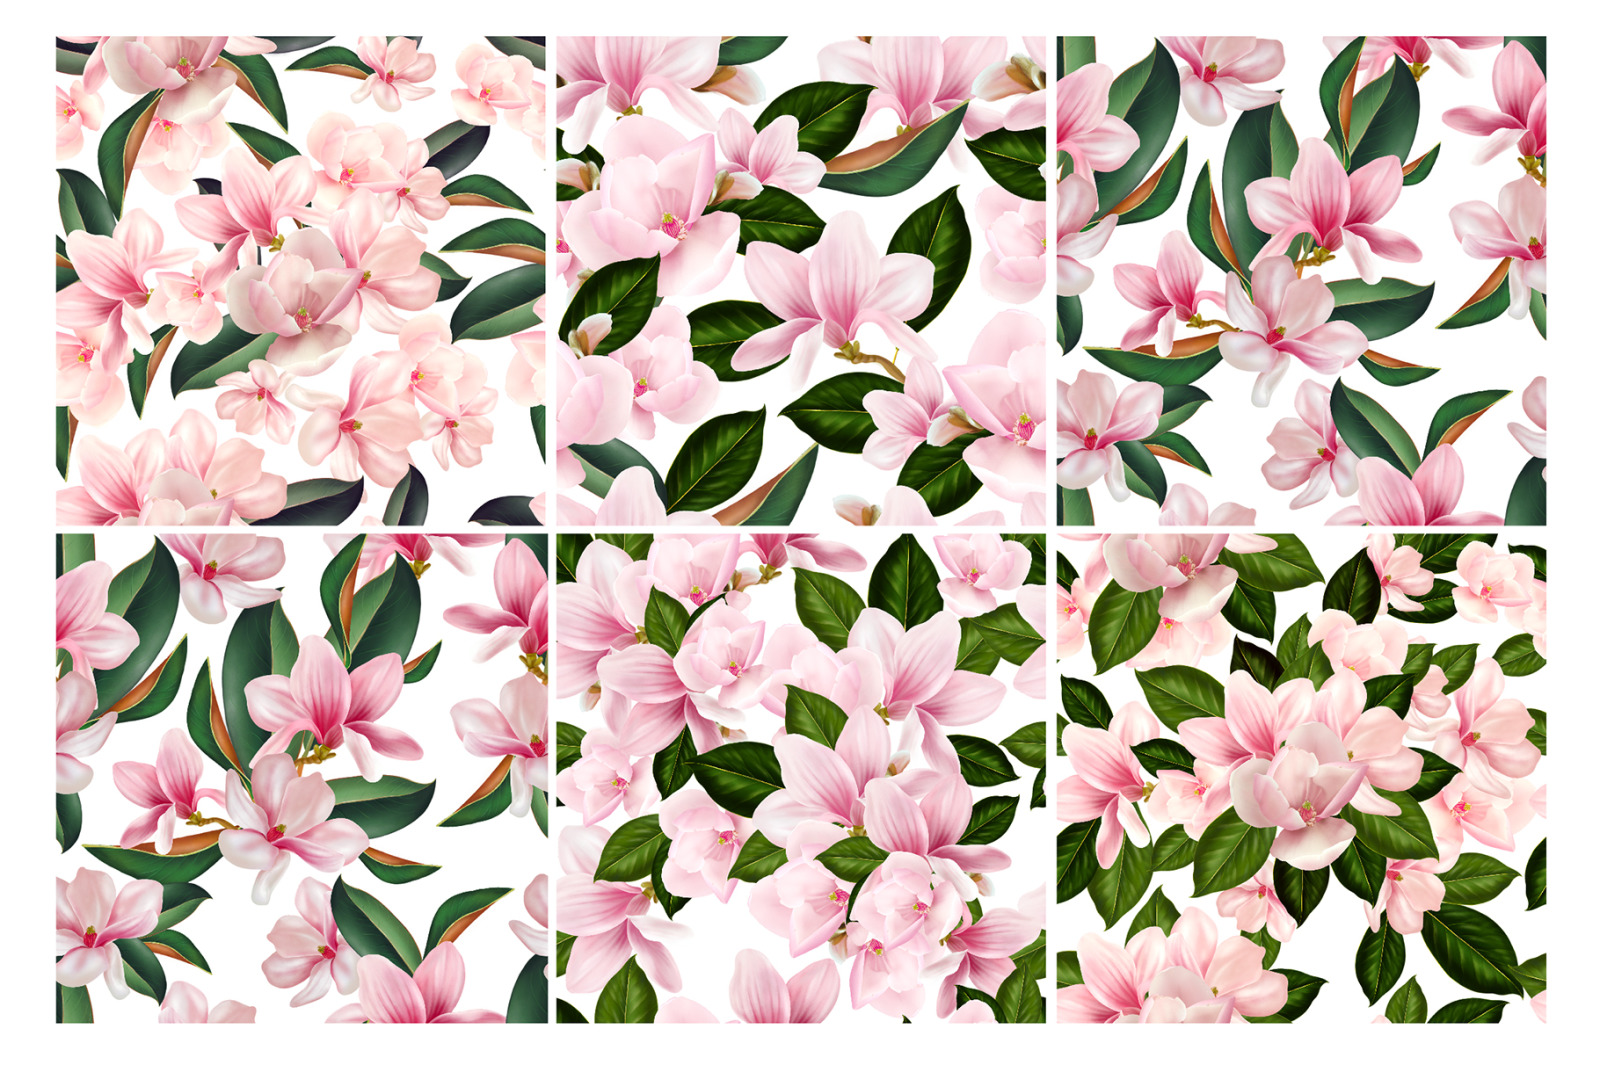 Magnolia Digital Flowers